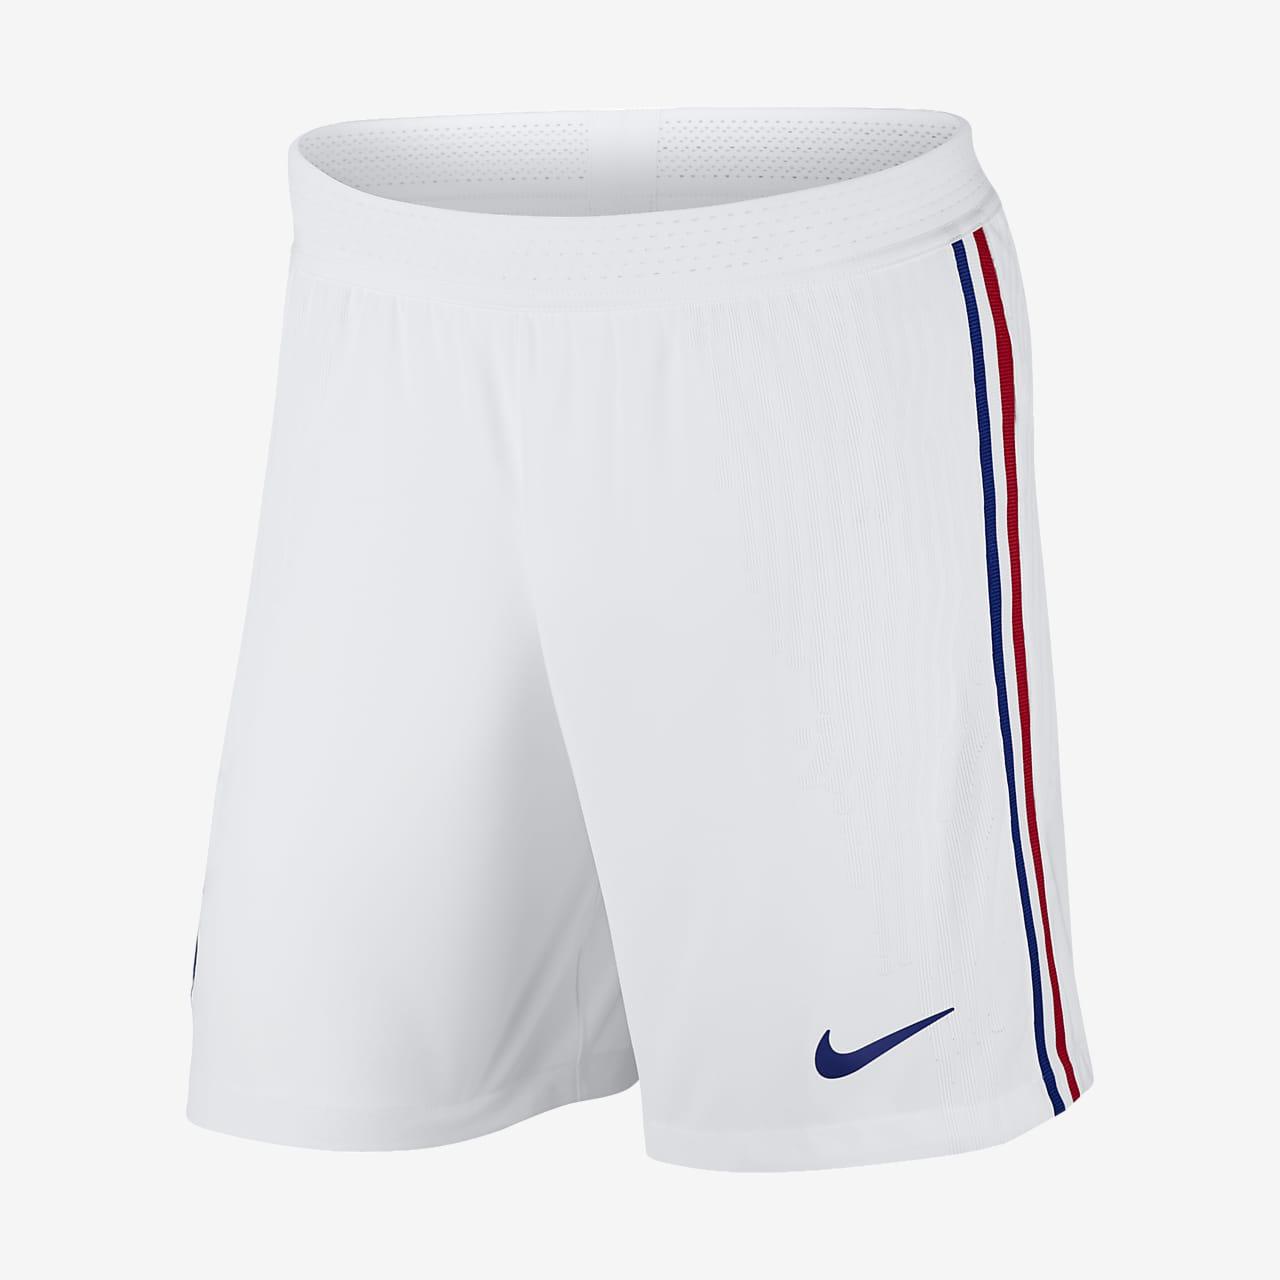 FFF 2020 Vapor Match Home/Away Men's Football Shorts